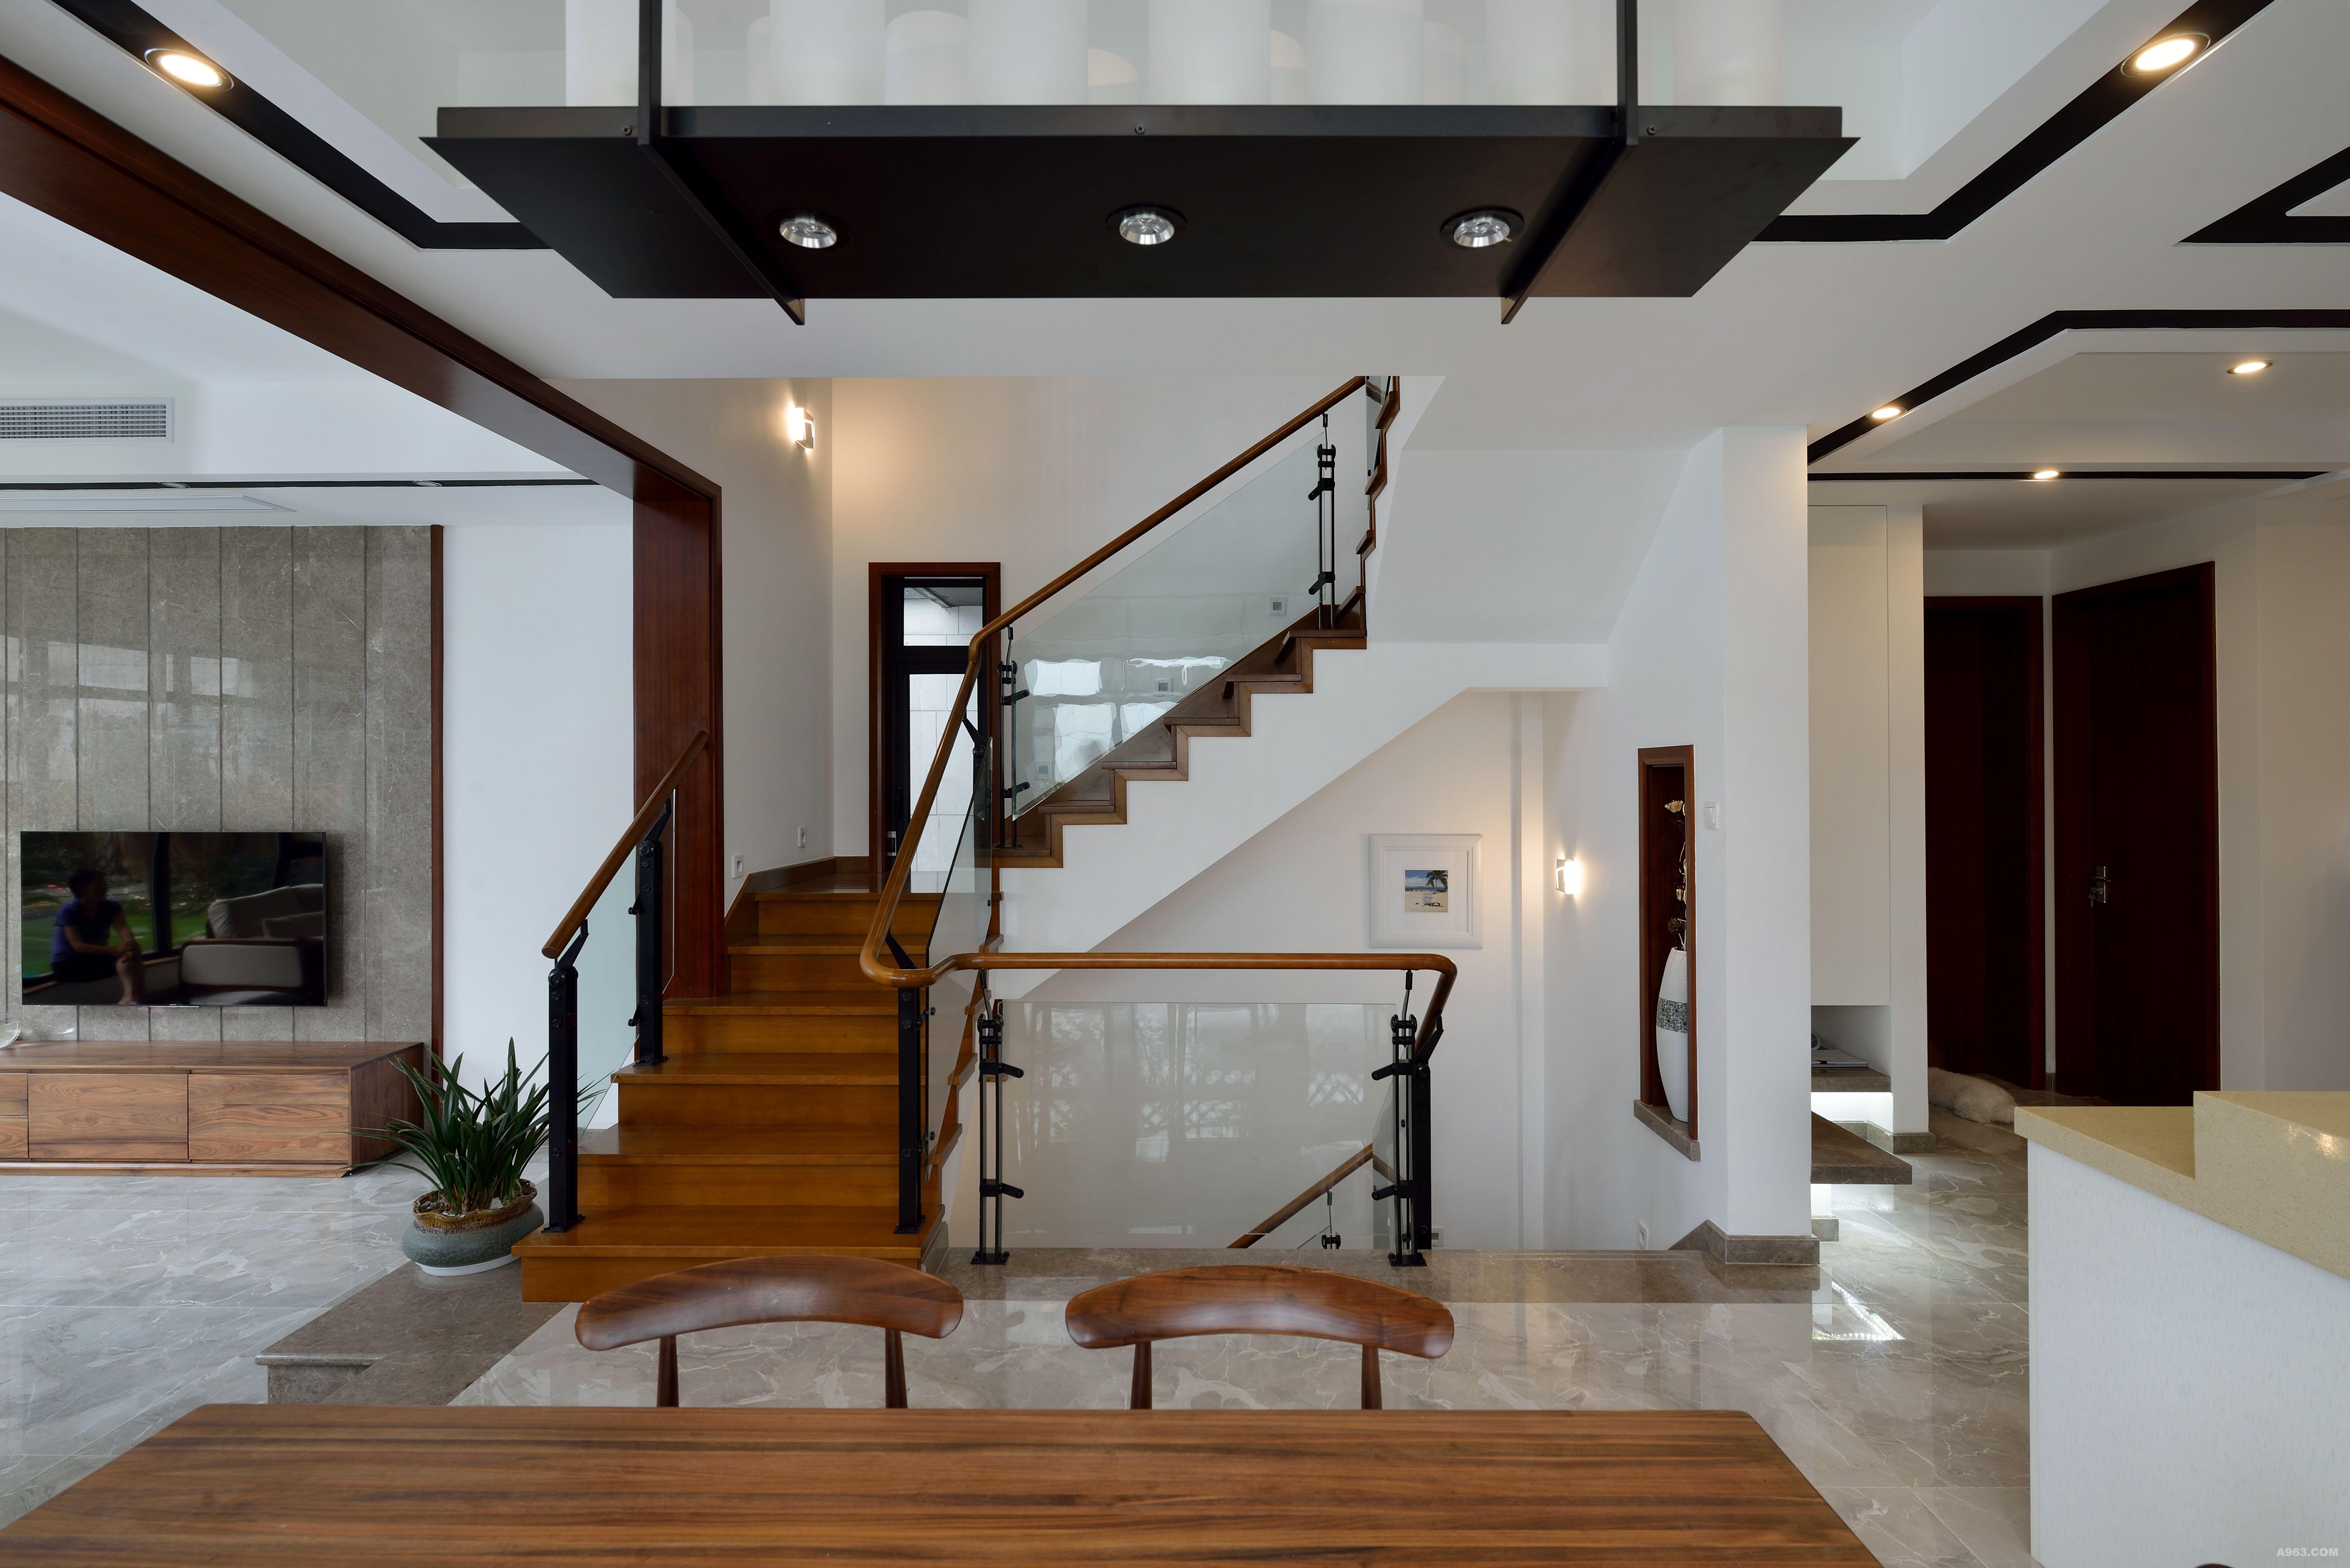 家居 楼梯 起居室 设计 装修 7360_4912